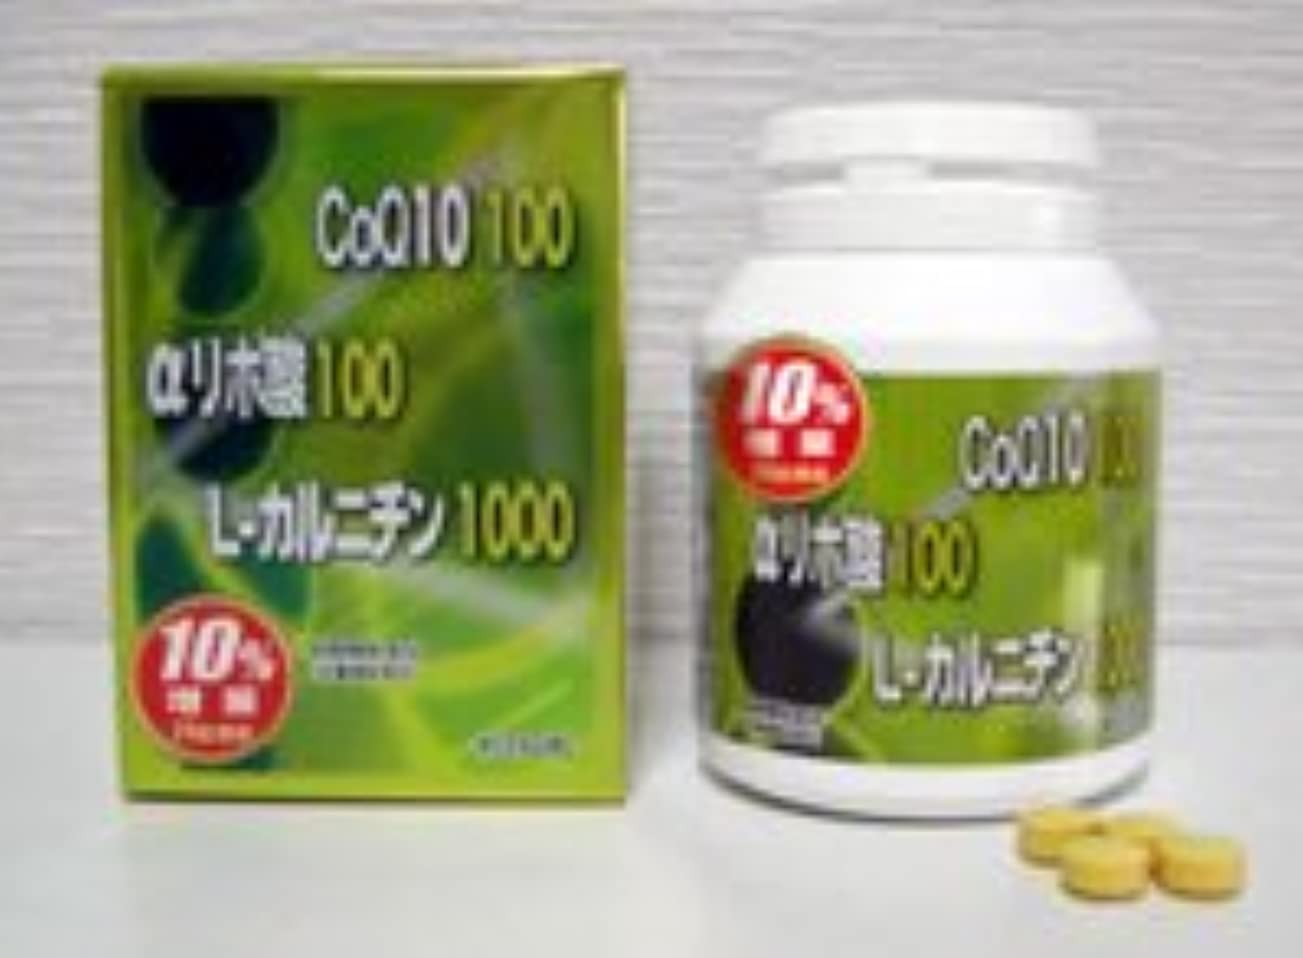 患者撤回する割合ダイエットサプリ CoQ10+αリポ酸+L-カルニチン 102.96g(390mg×約264粒)